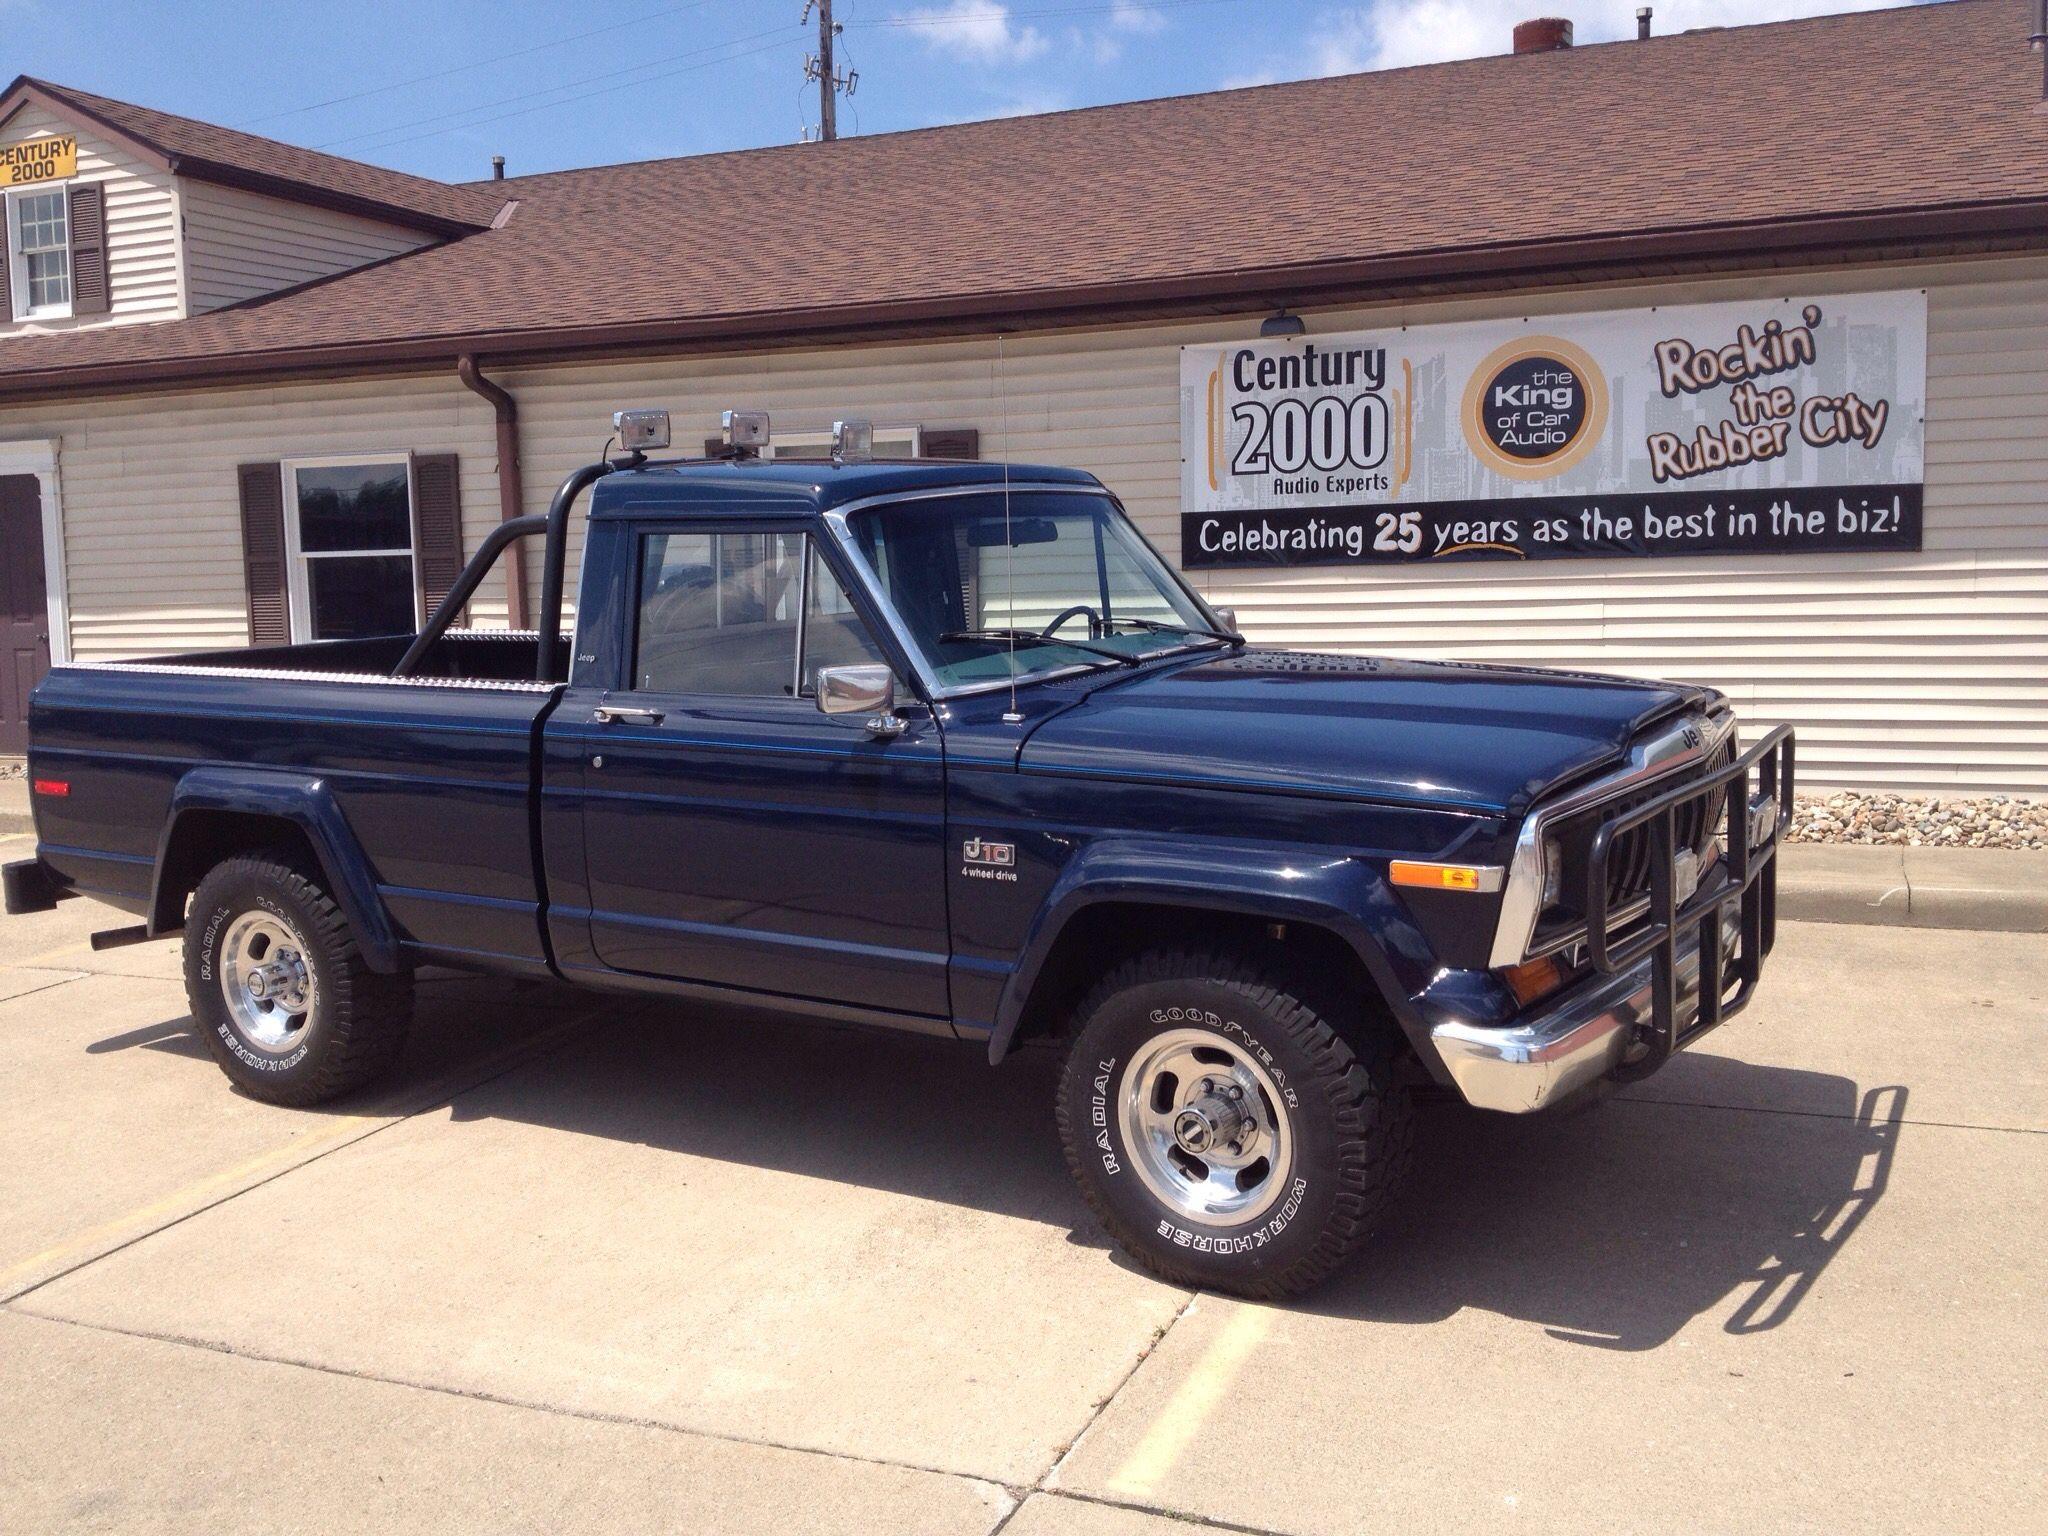 1983 blue jeep j10 pickup truck j10 pinterest blue jeep 1983 blue jeep j10 pickup truck publicscrutiny Image collections